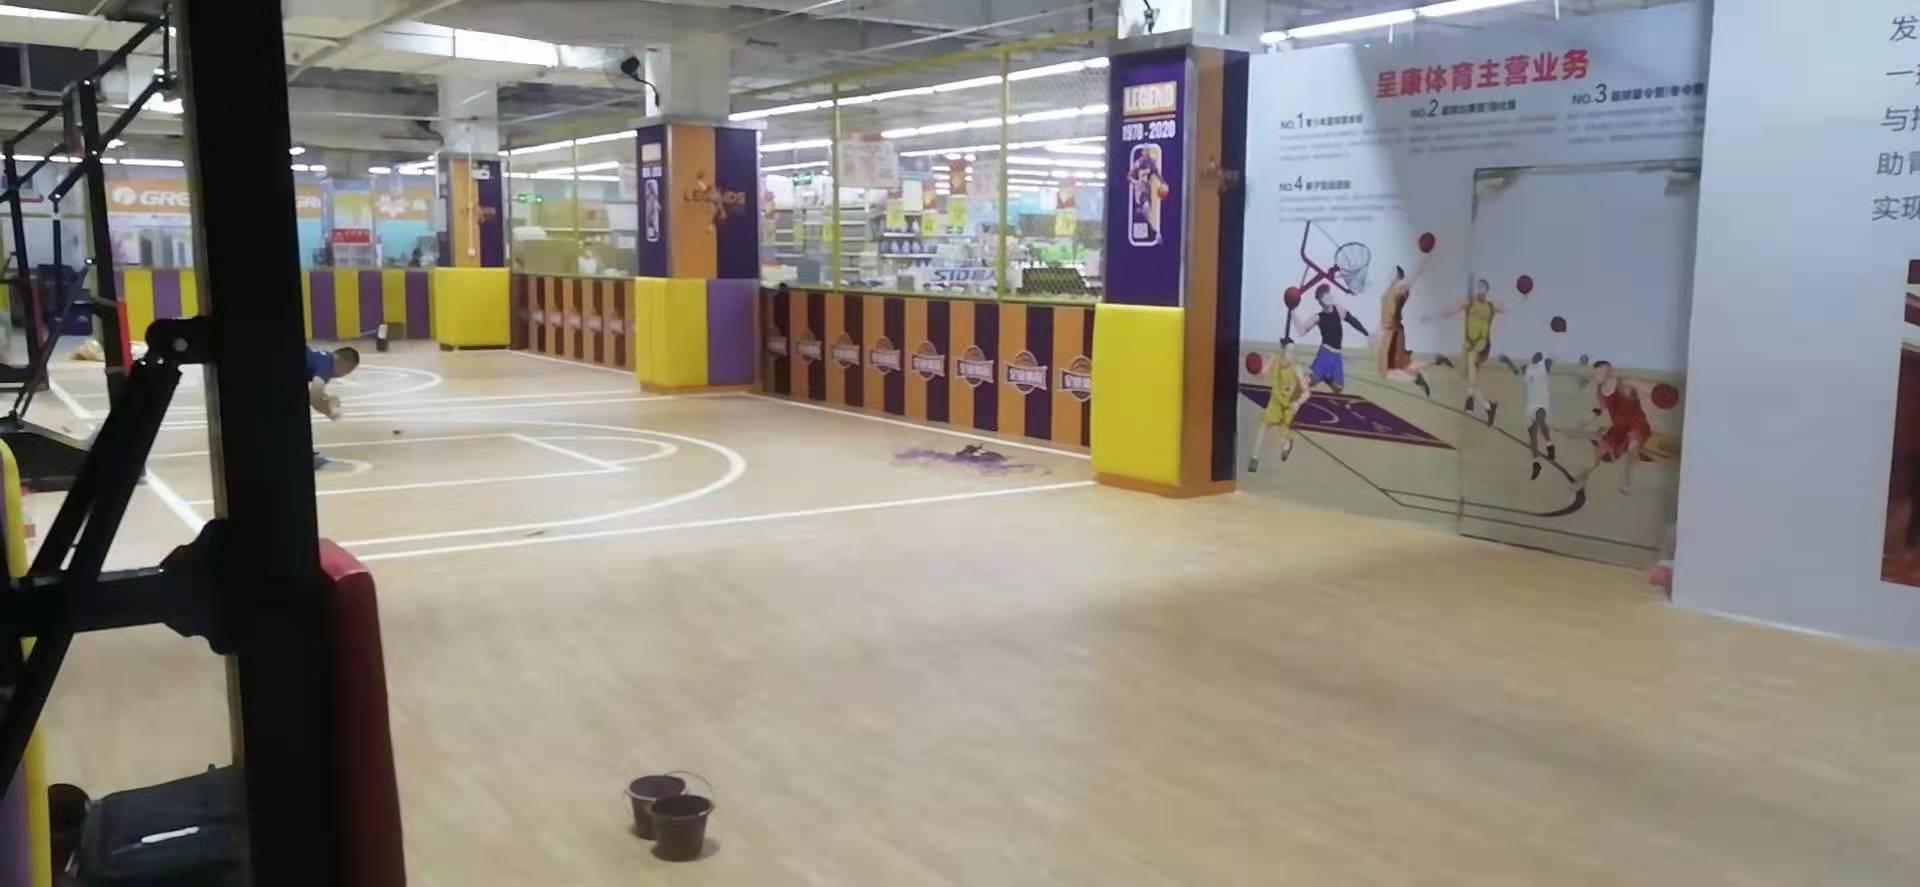 宝石纹运动地胶 枫木纹室内篮球馆地板价格图片